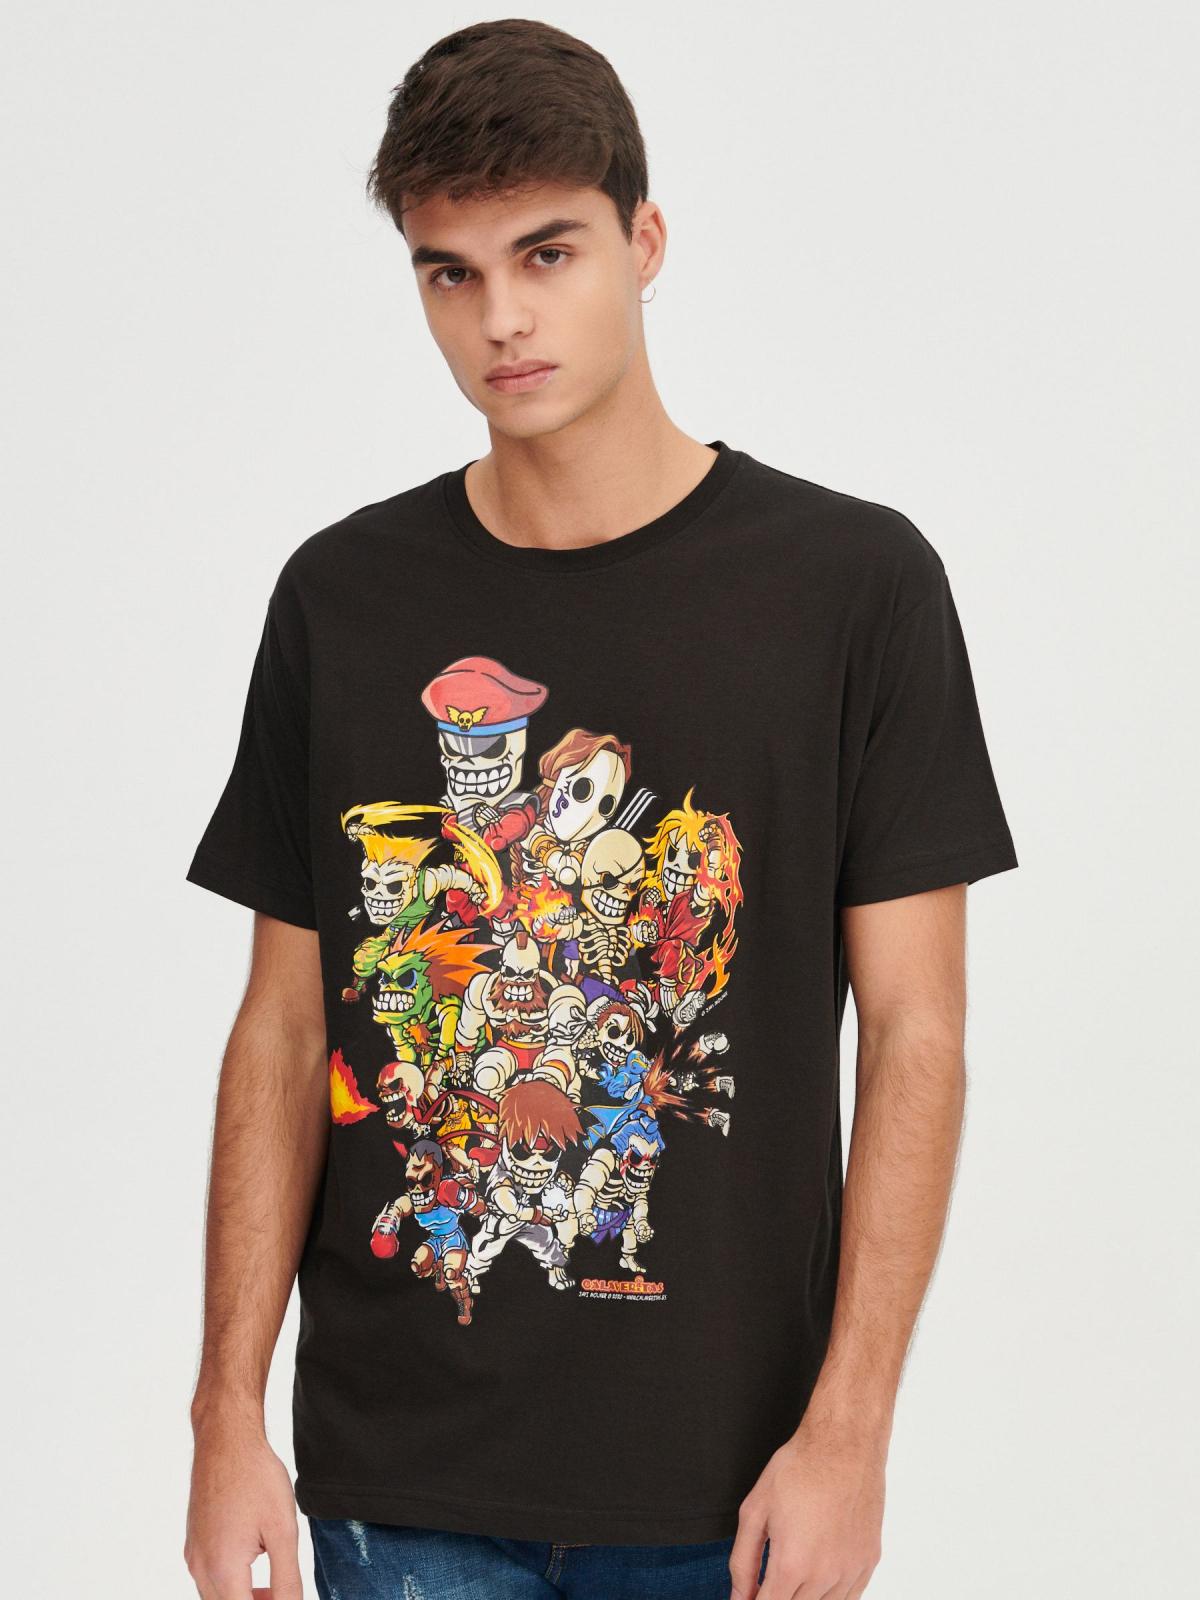 Camiseta Calaveritas Street Fighter , tallas de XS a XL